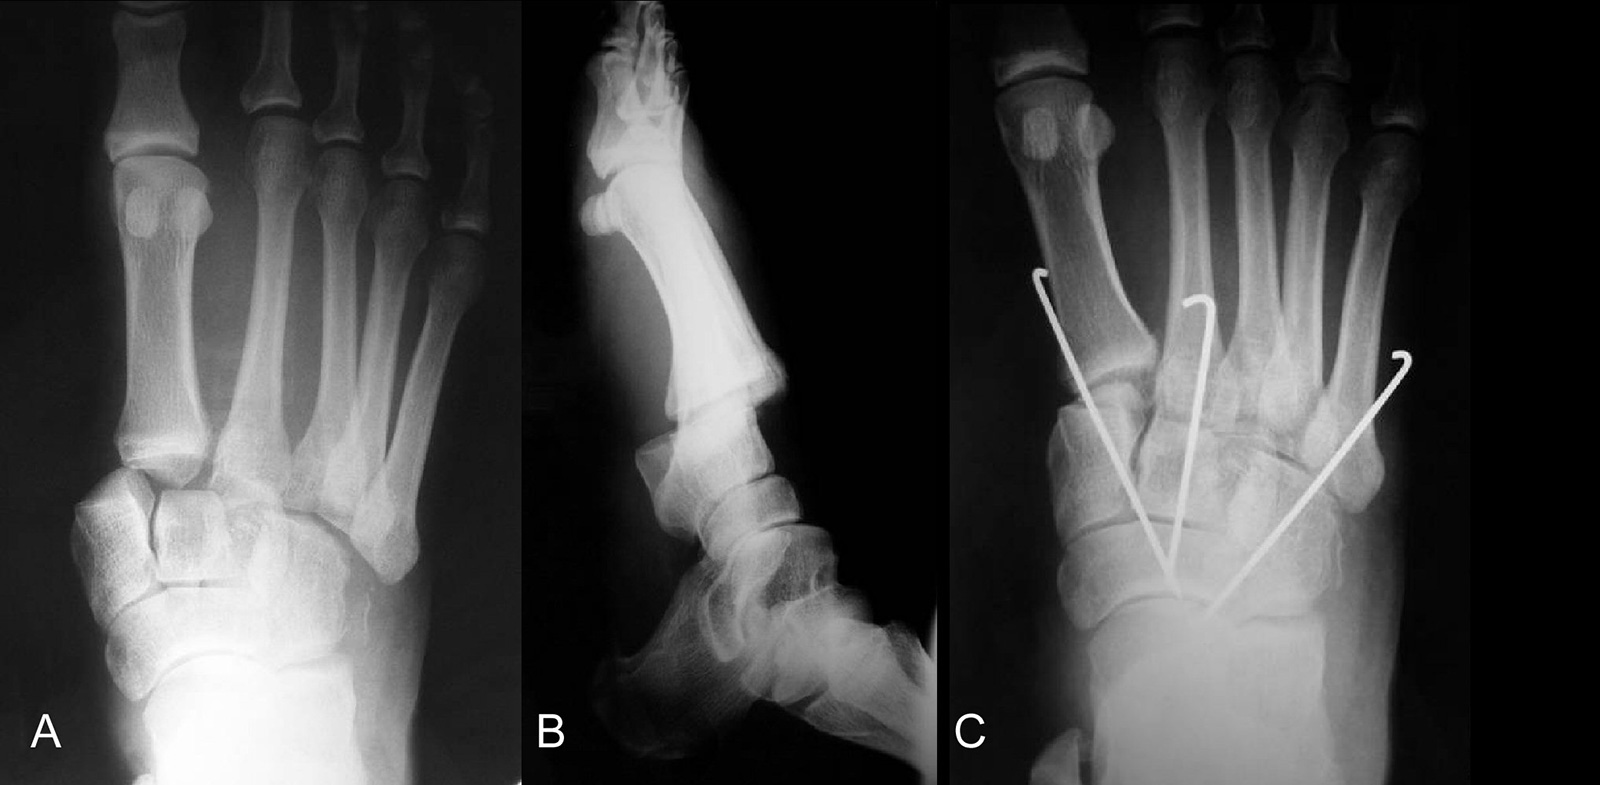 Abb. 3-60: Röntgenbild einer Lisfranc Luxationsfraktur vor (A,B) und nach geschlossener Reposition und K-Drahtfixierung